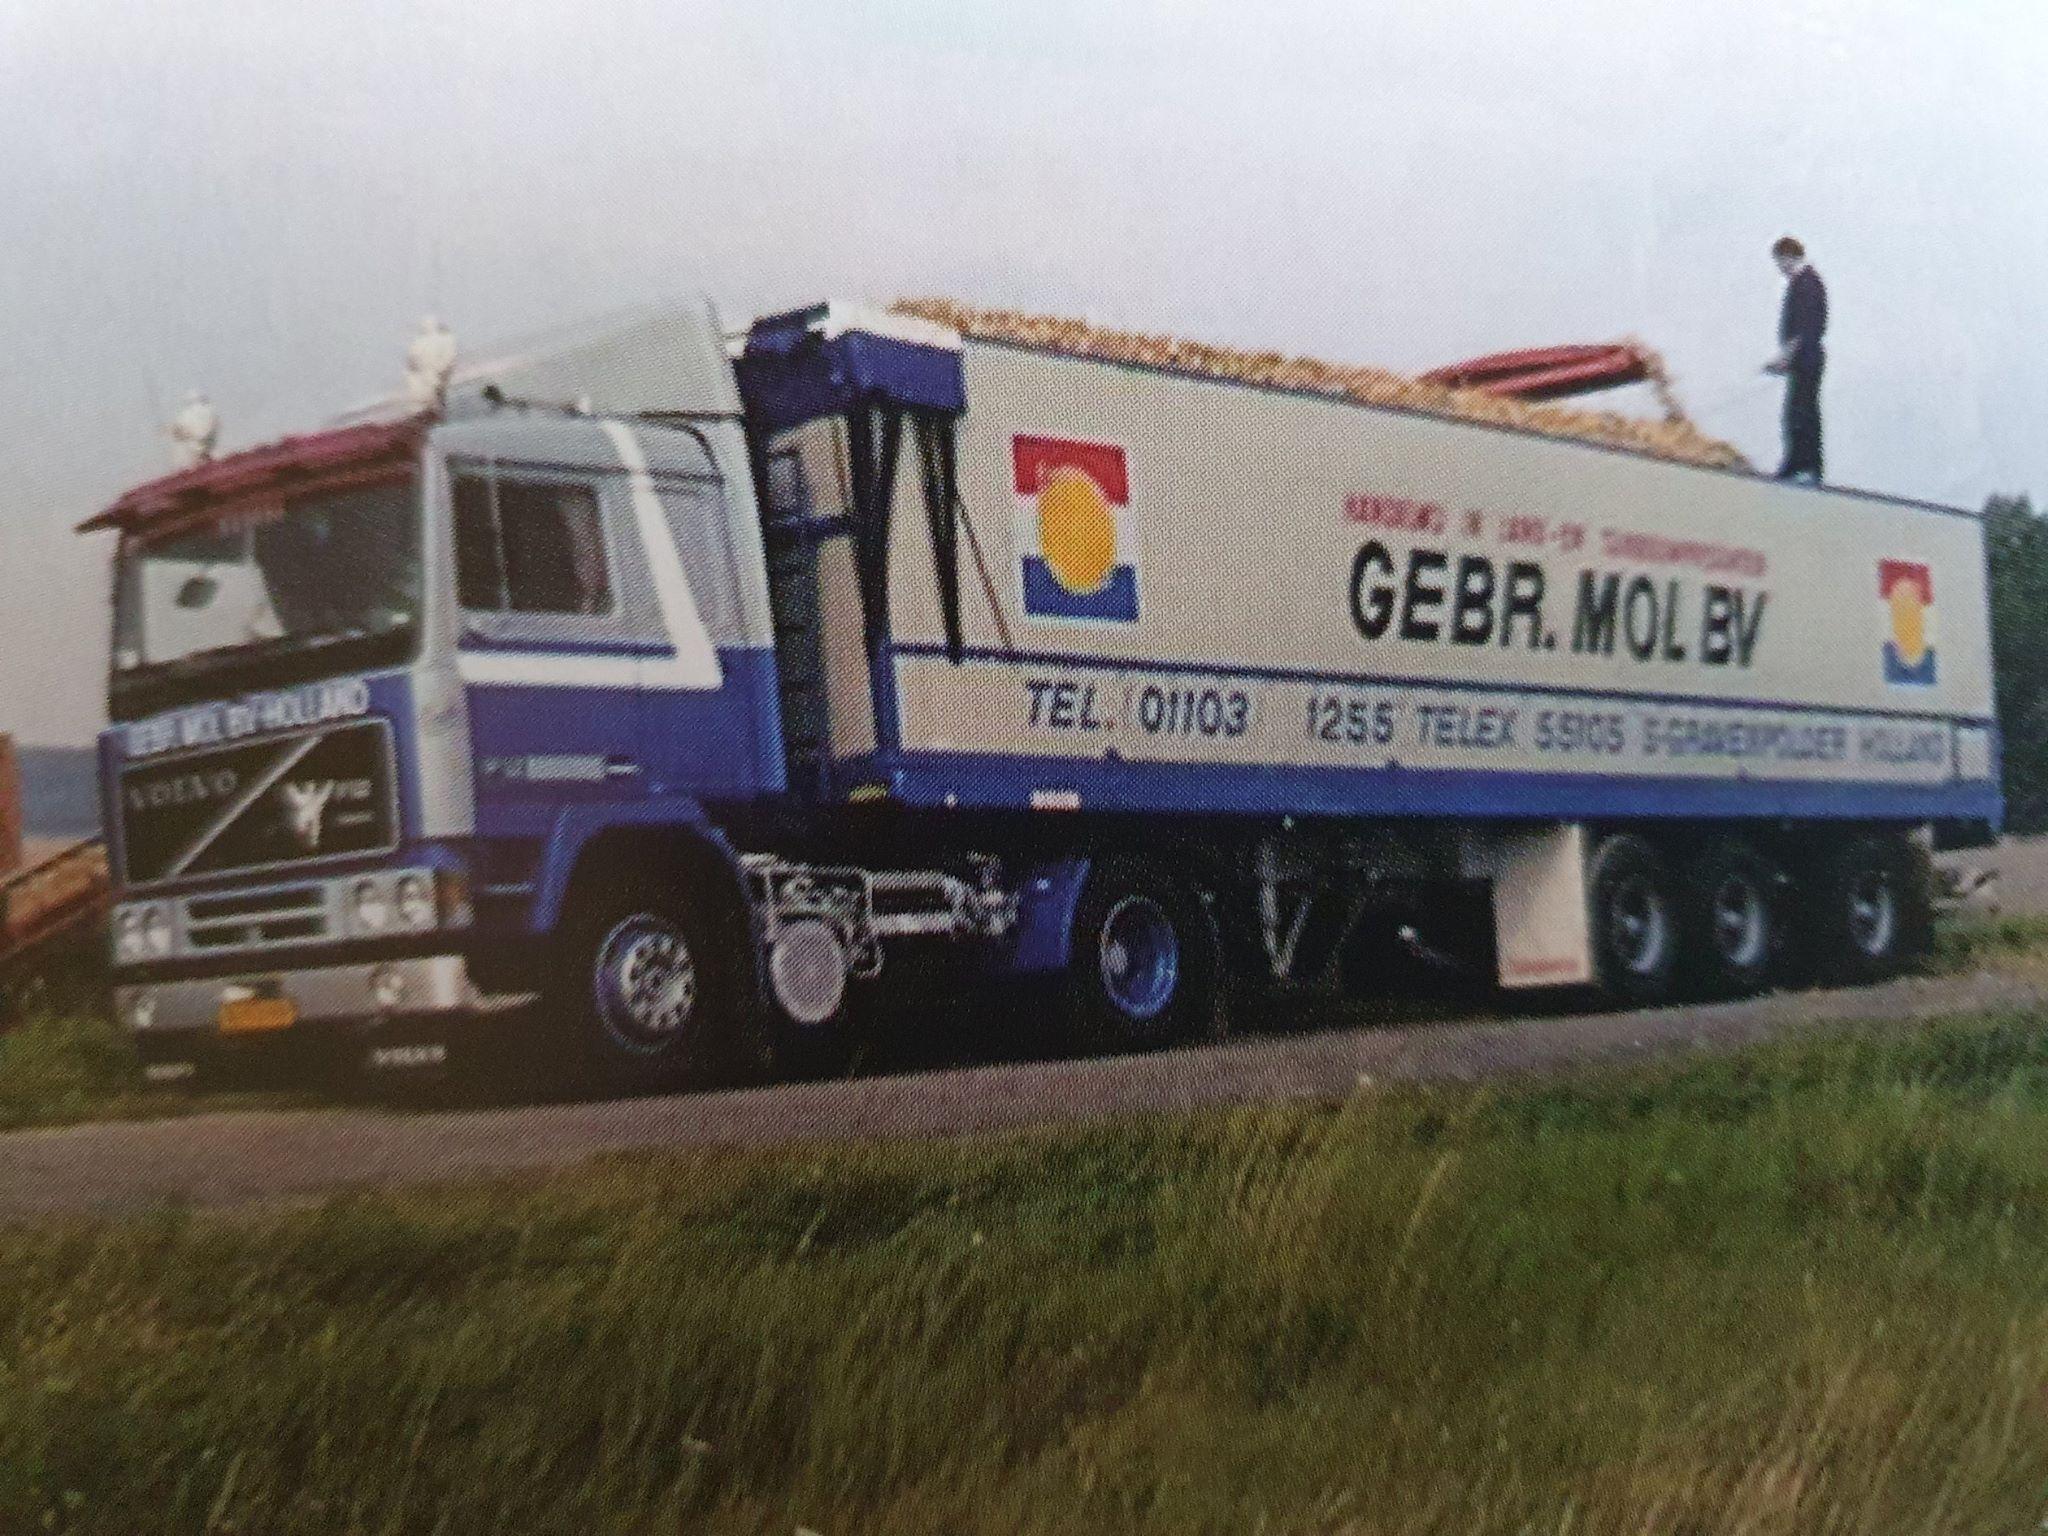 Peter-Dekker-foto-archief-Zijn-vader-was-chauffeur-bij-het-bedrijf-8